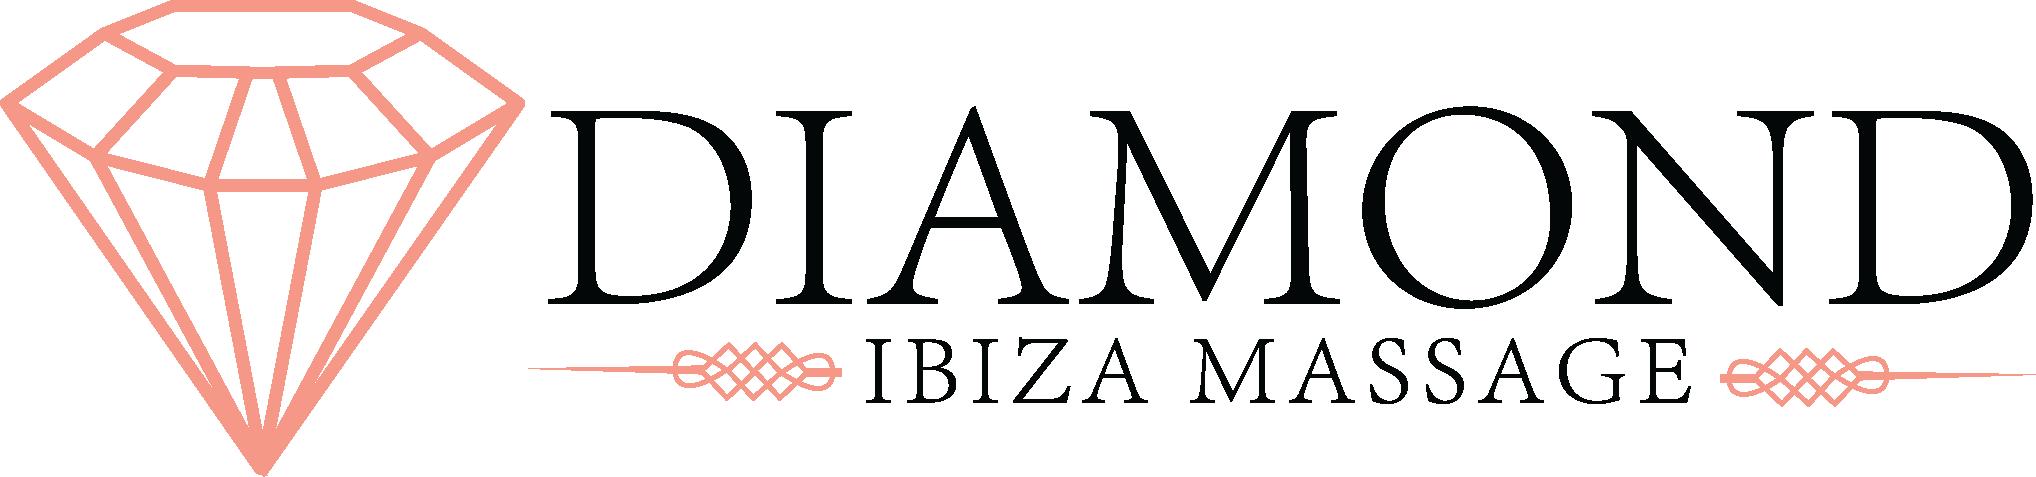 Logo Ibiza Massage Diamond